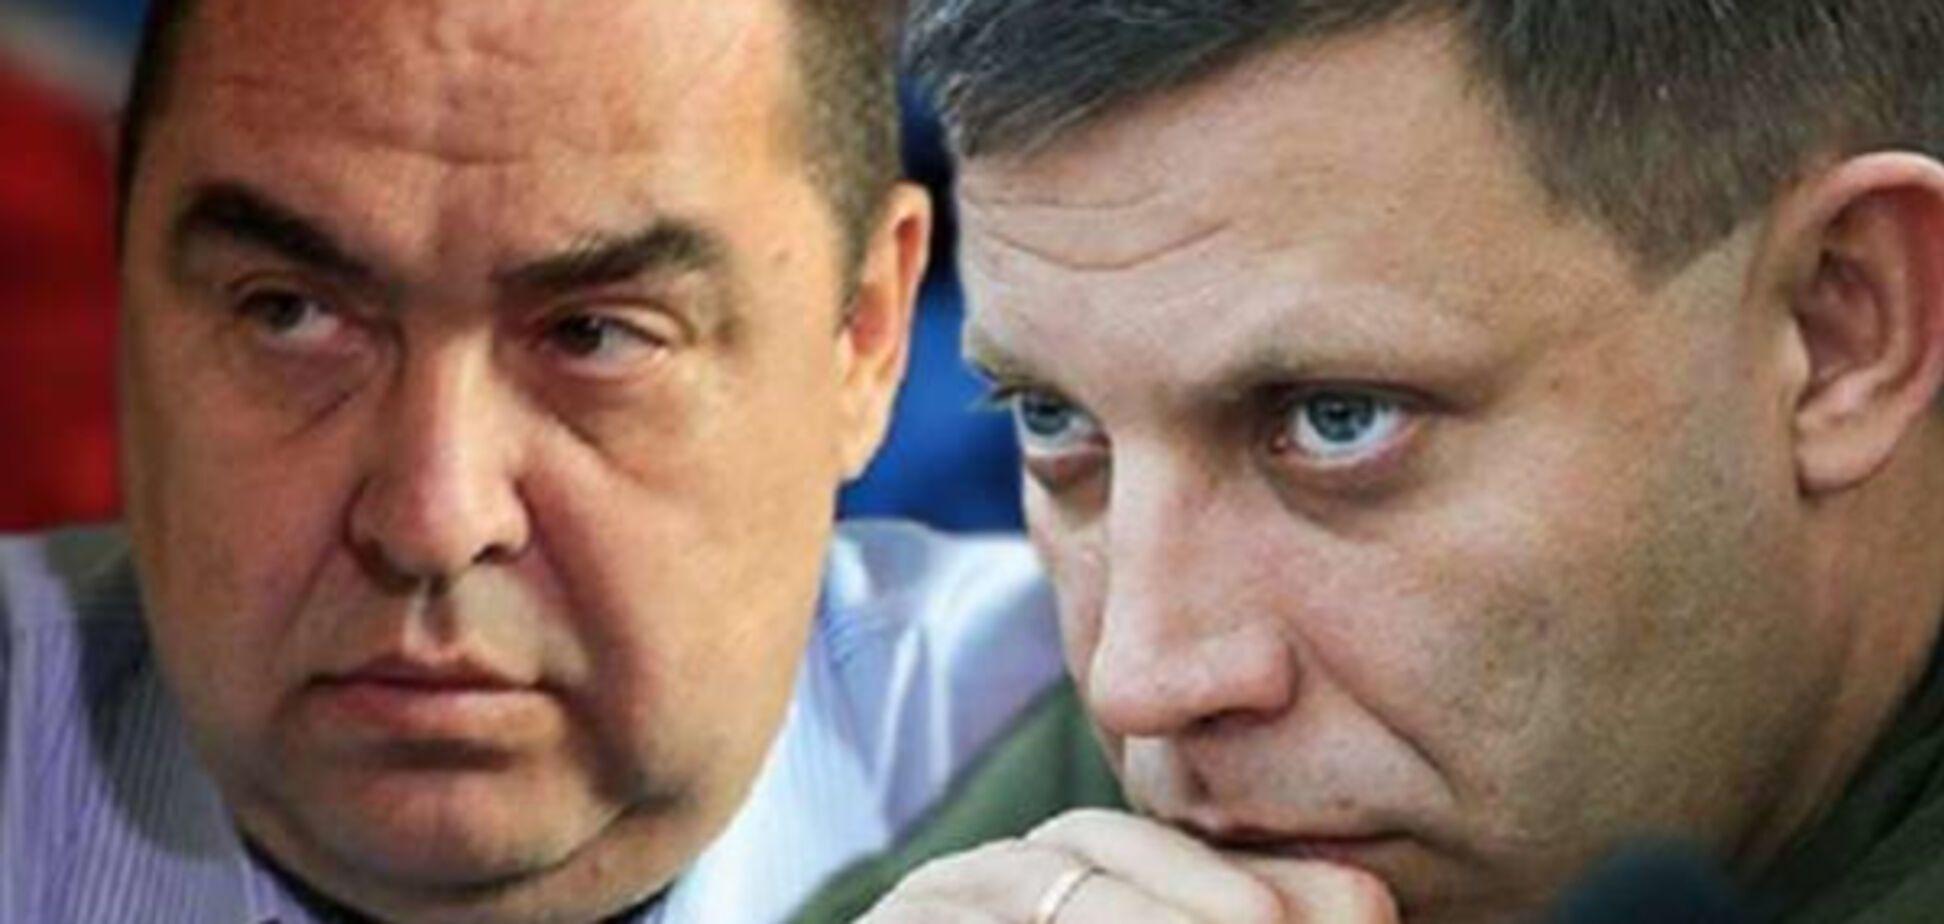 Ждут ликвидацию: главари 'Л/ДНР' капитально усилили 'личку'